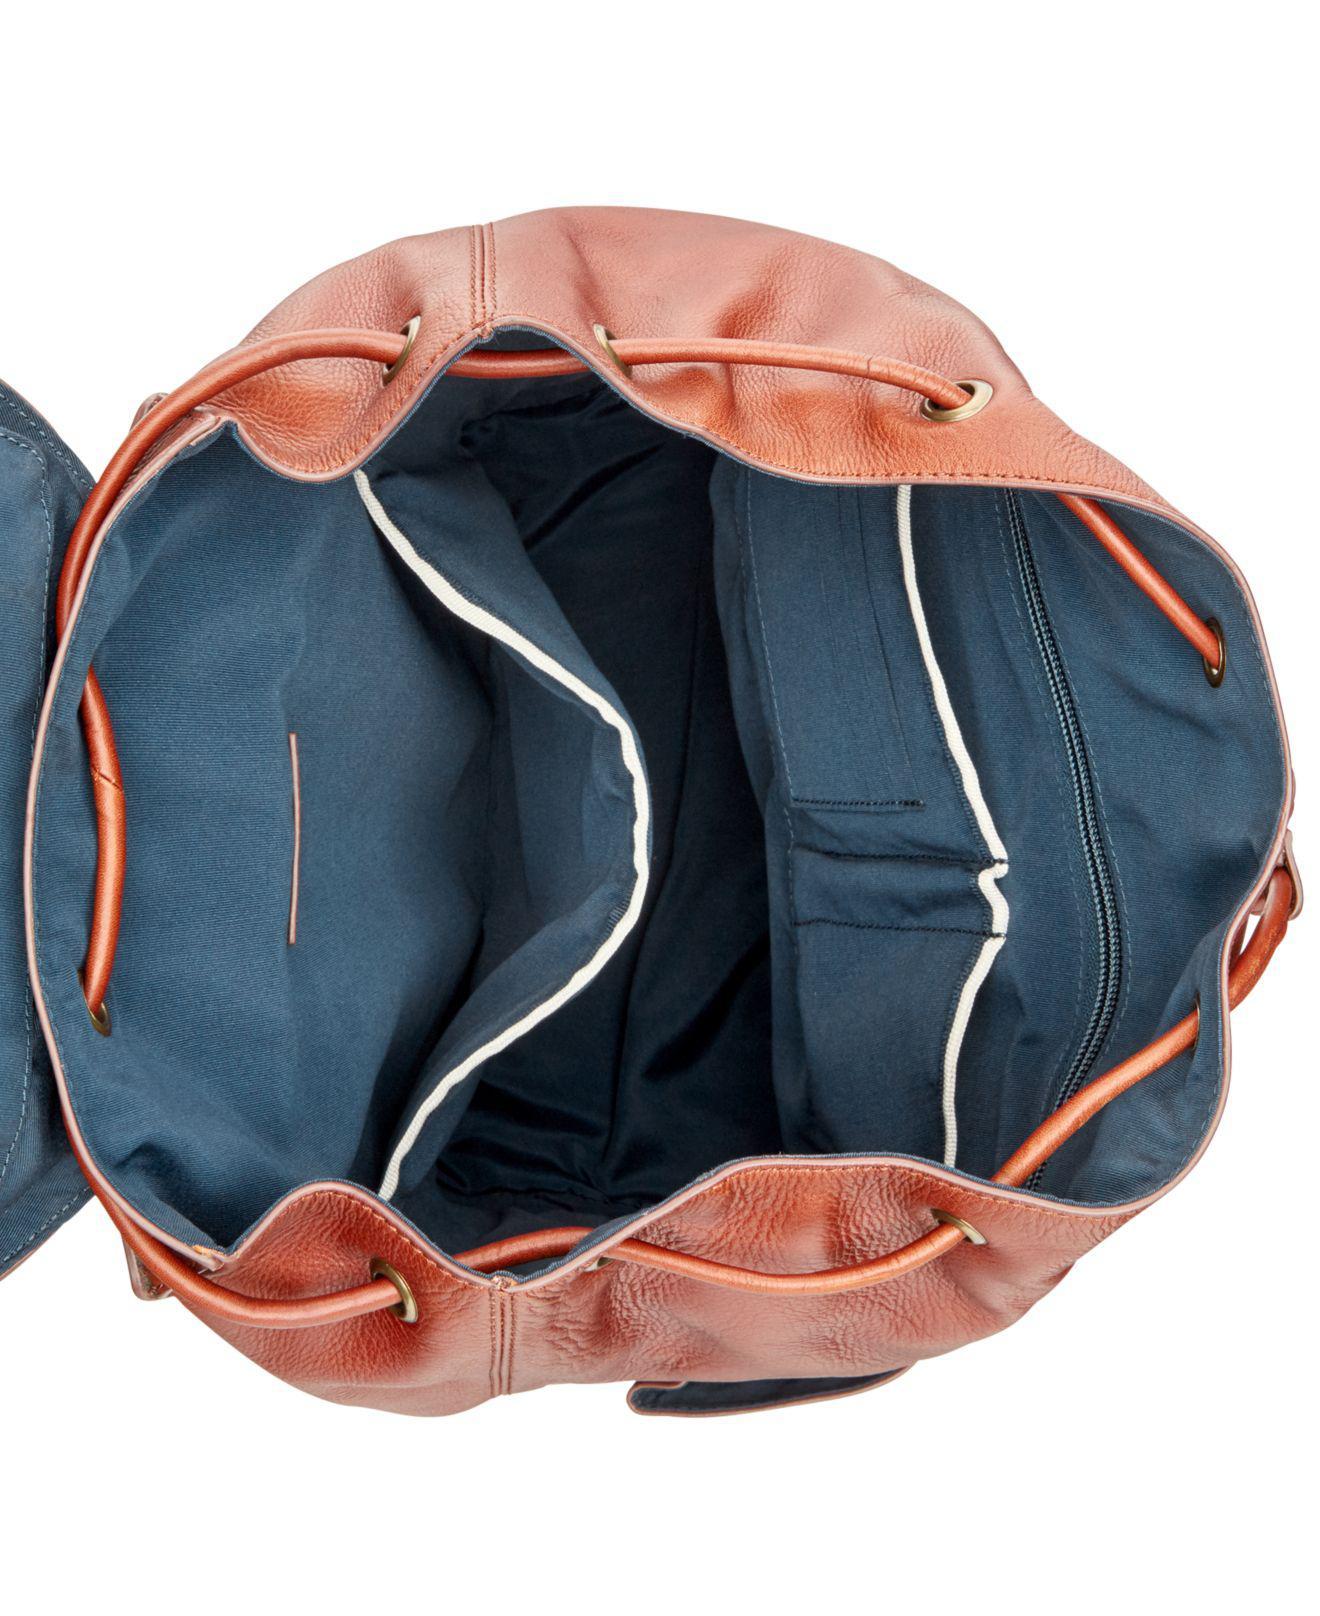 91aa55d8e Cole Haan Men's Van Buren Leather Backpack for Men - Lyst